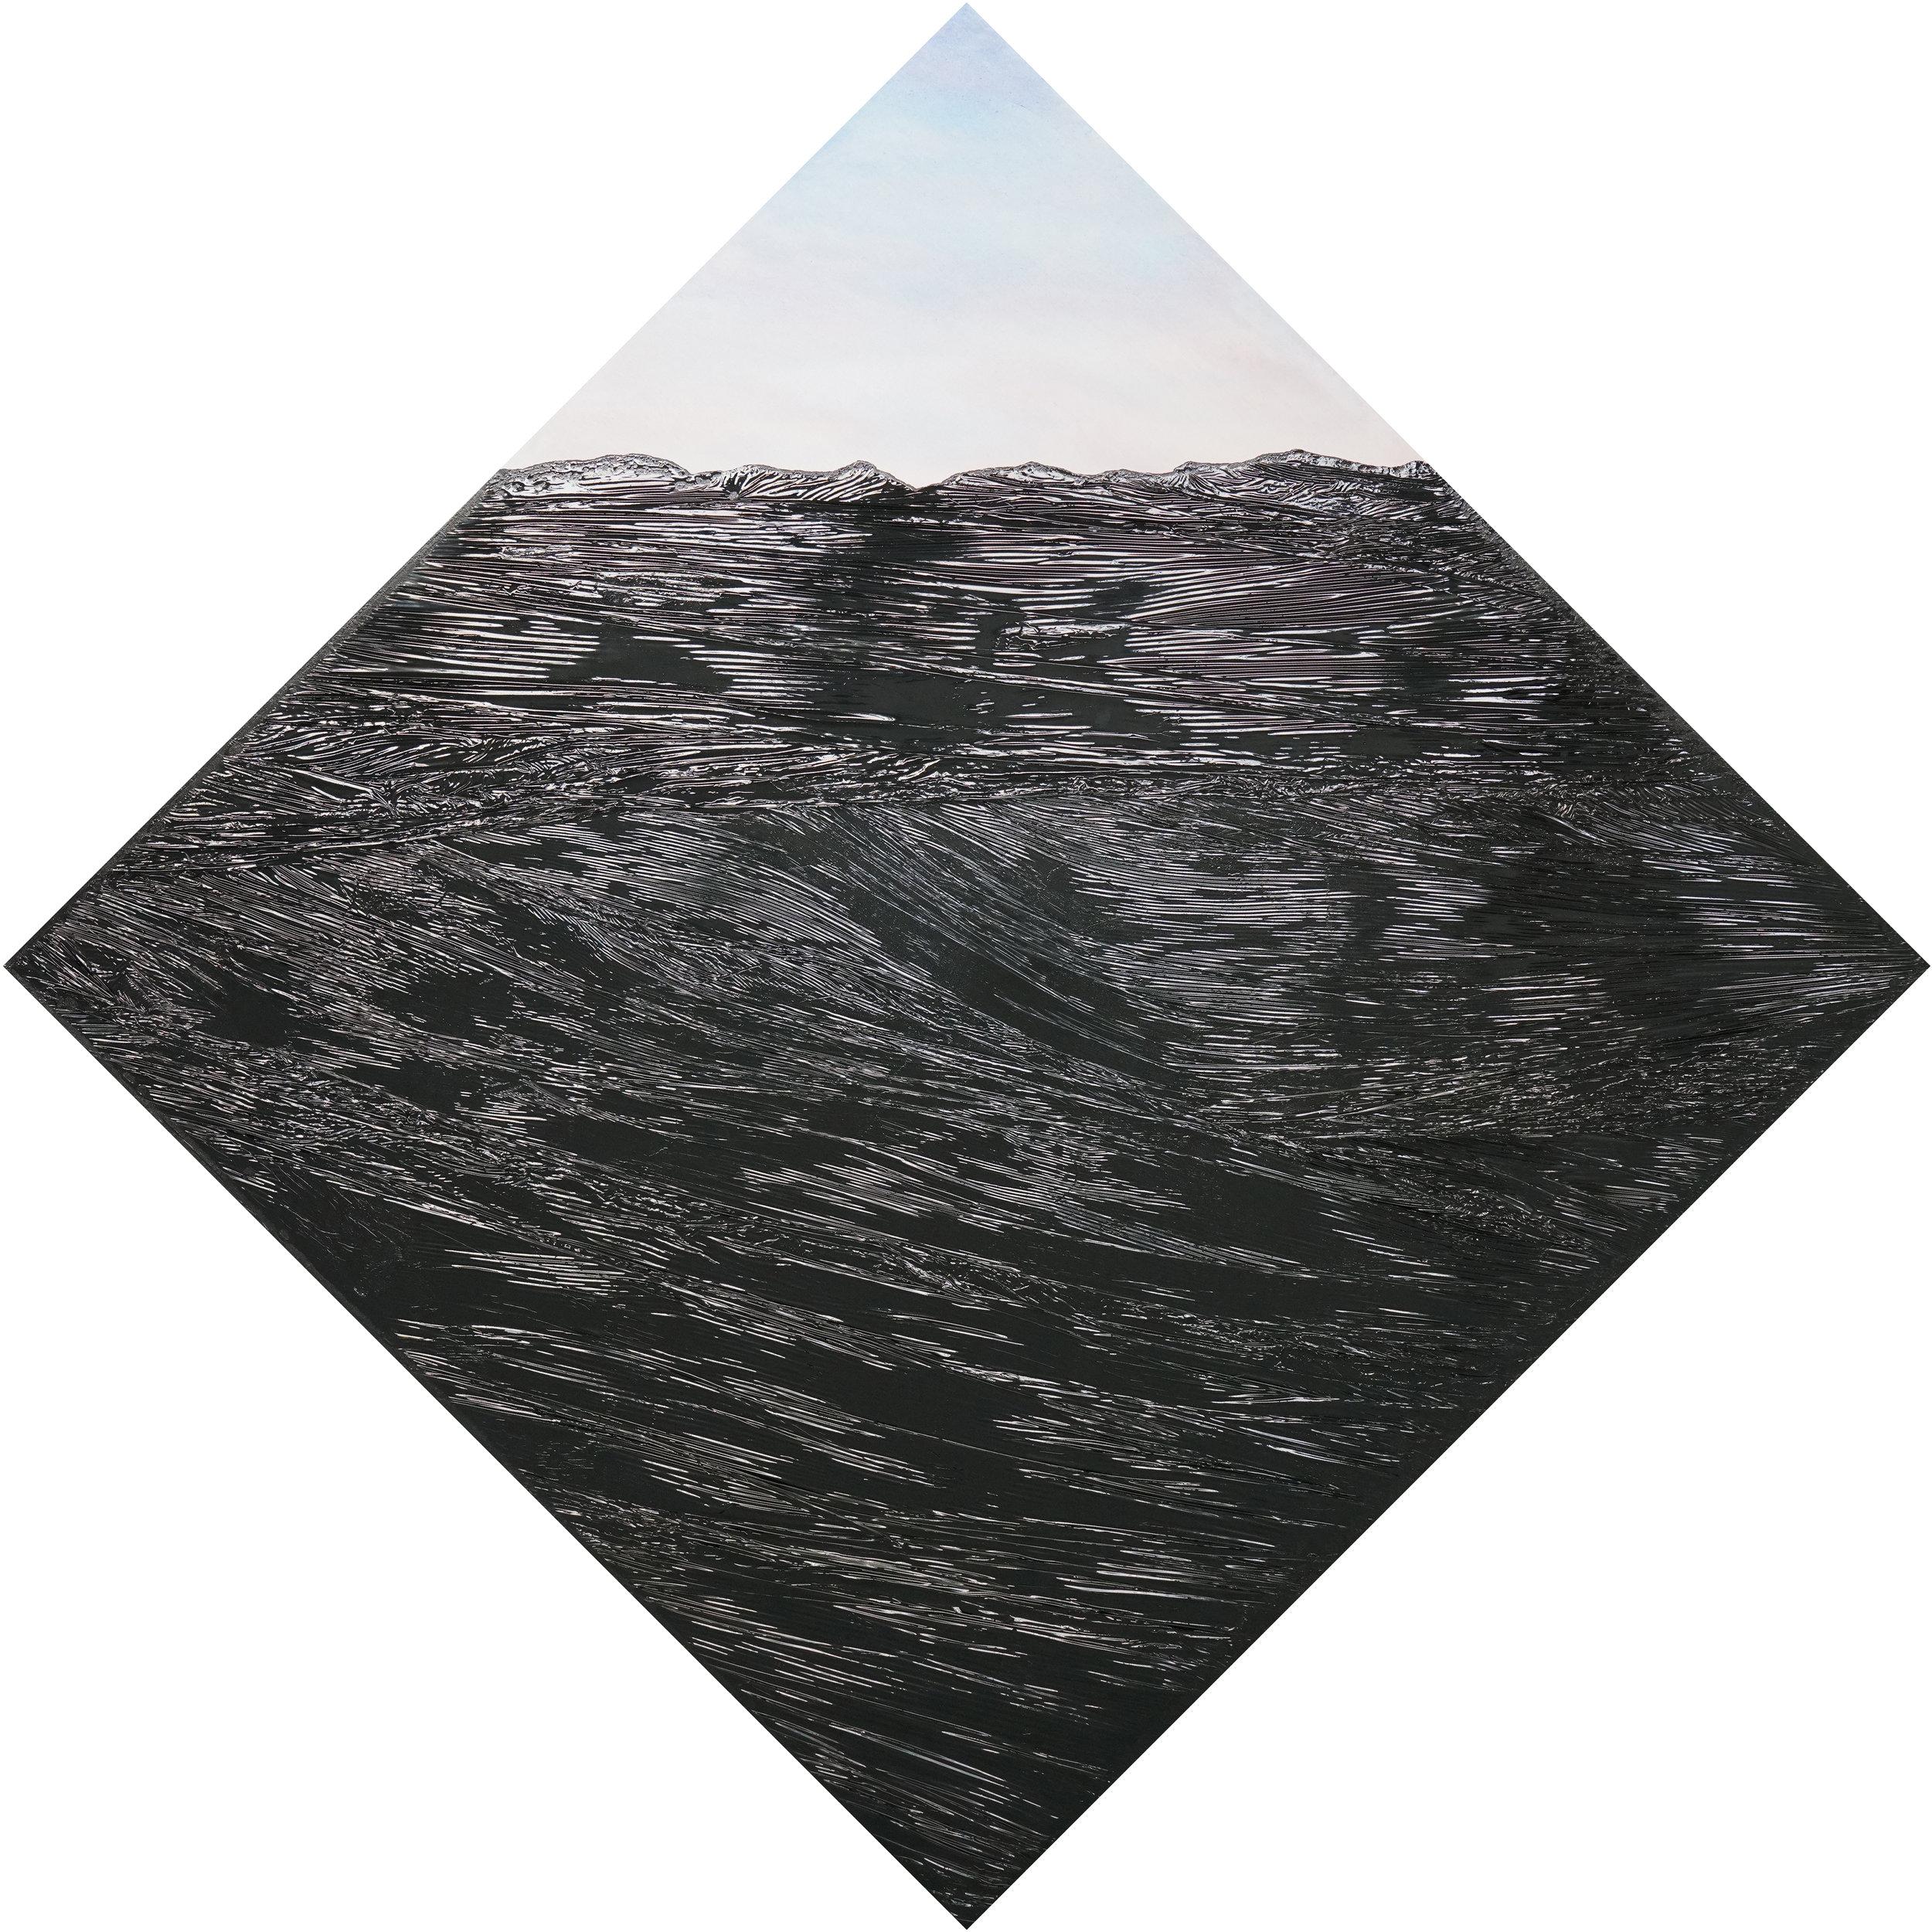 Freydenberg_%22Sintetik_landscape%22 №5. 2017. Kanvas, polimer_resin, acryl. 170x170cm.jpg